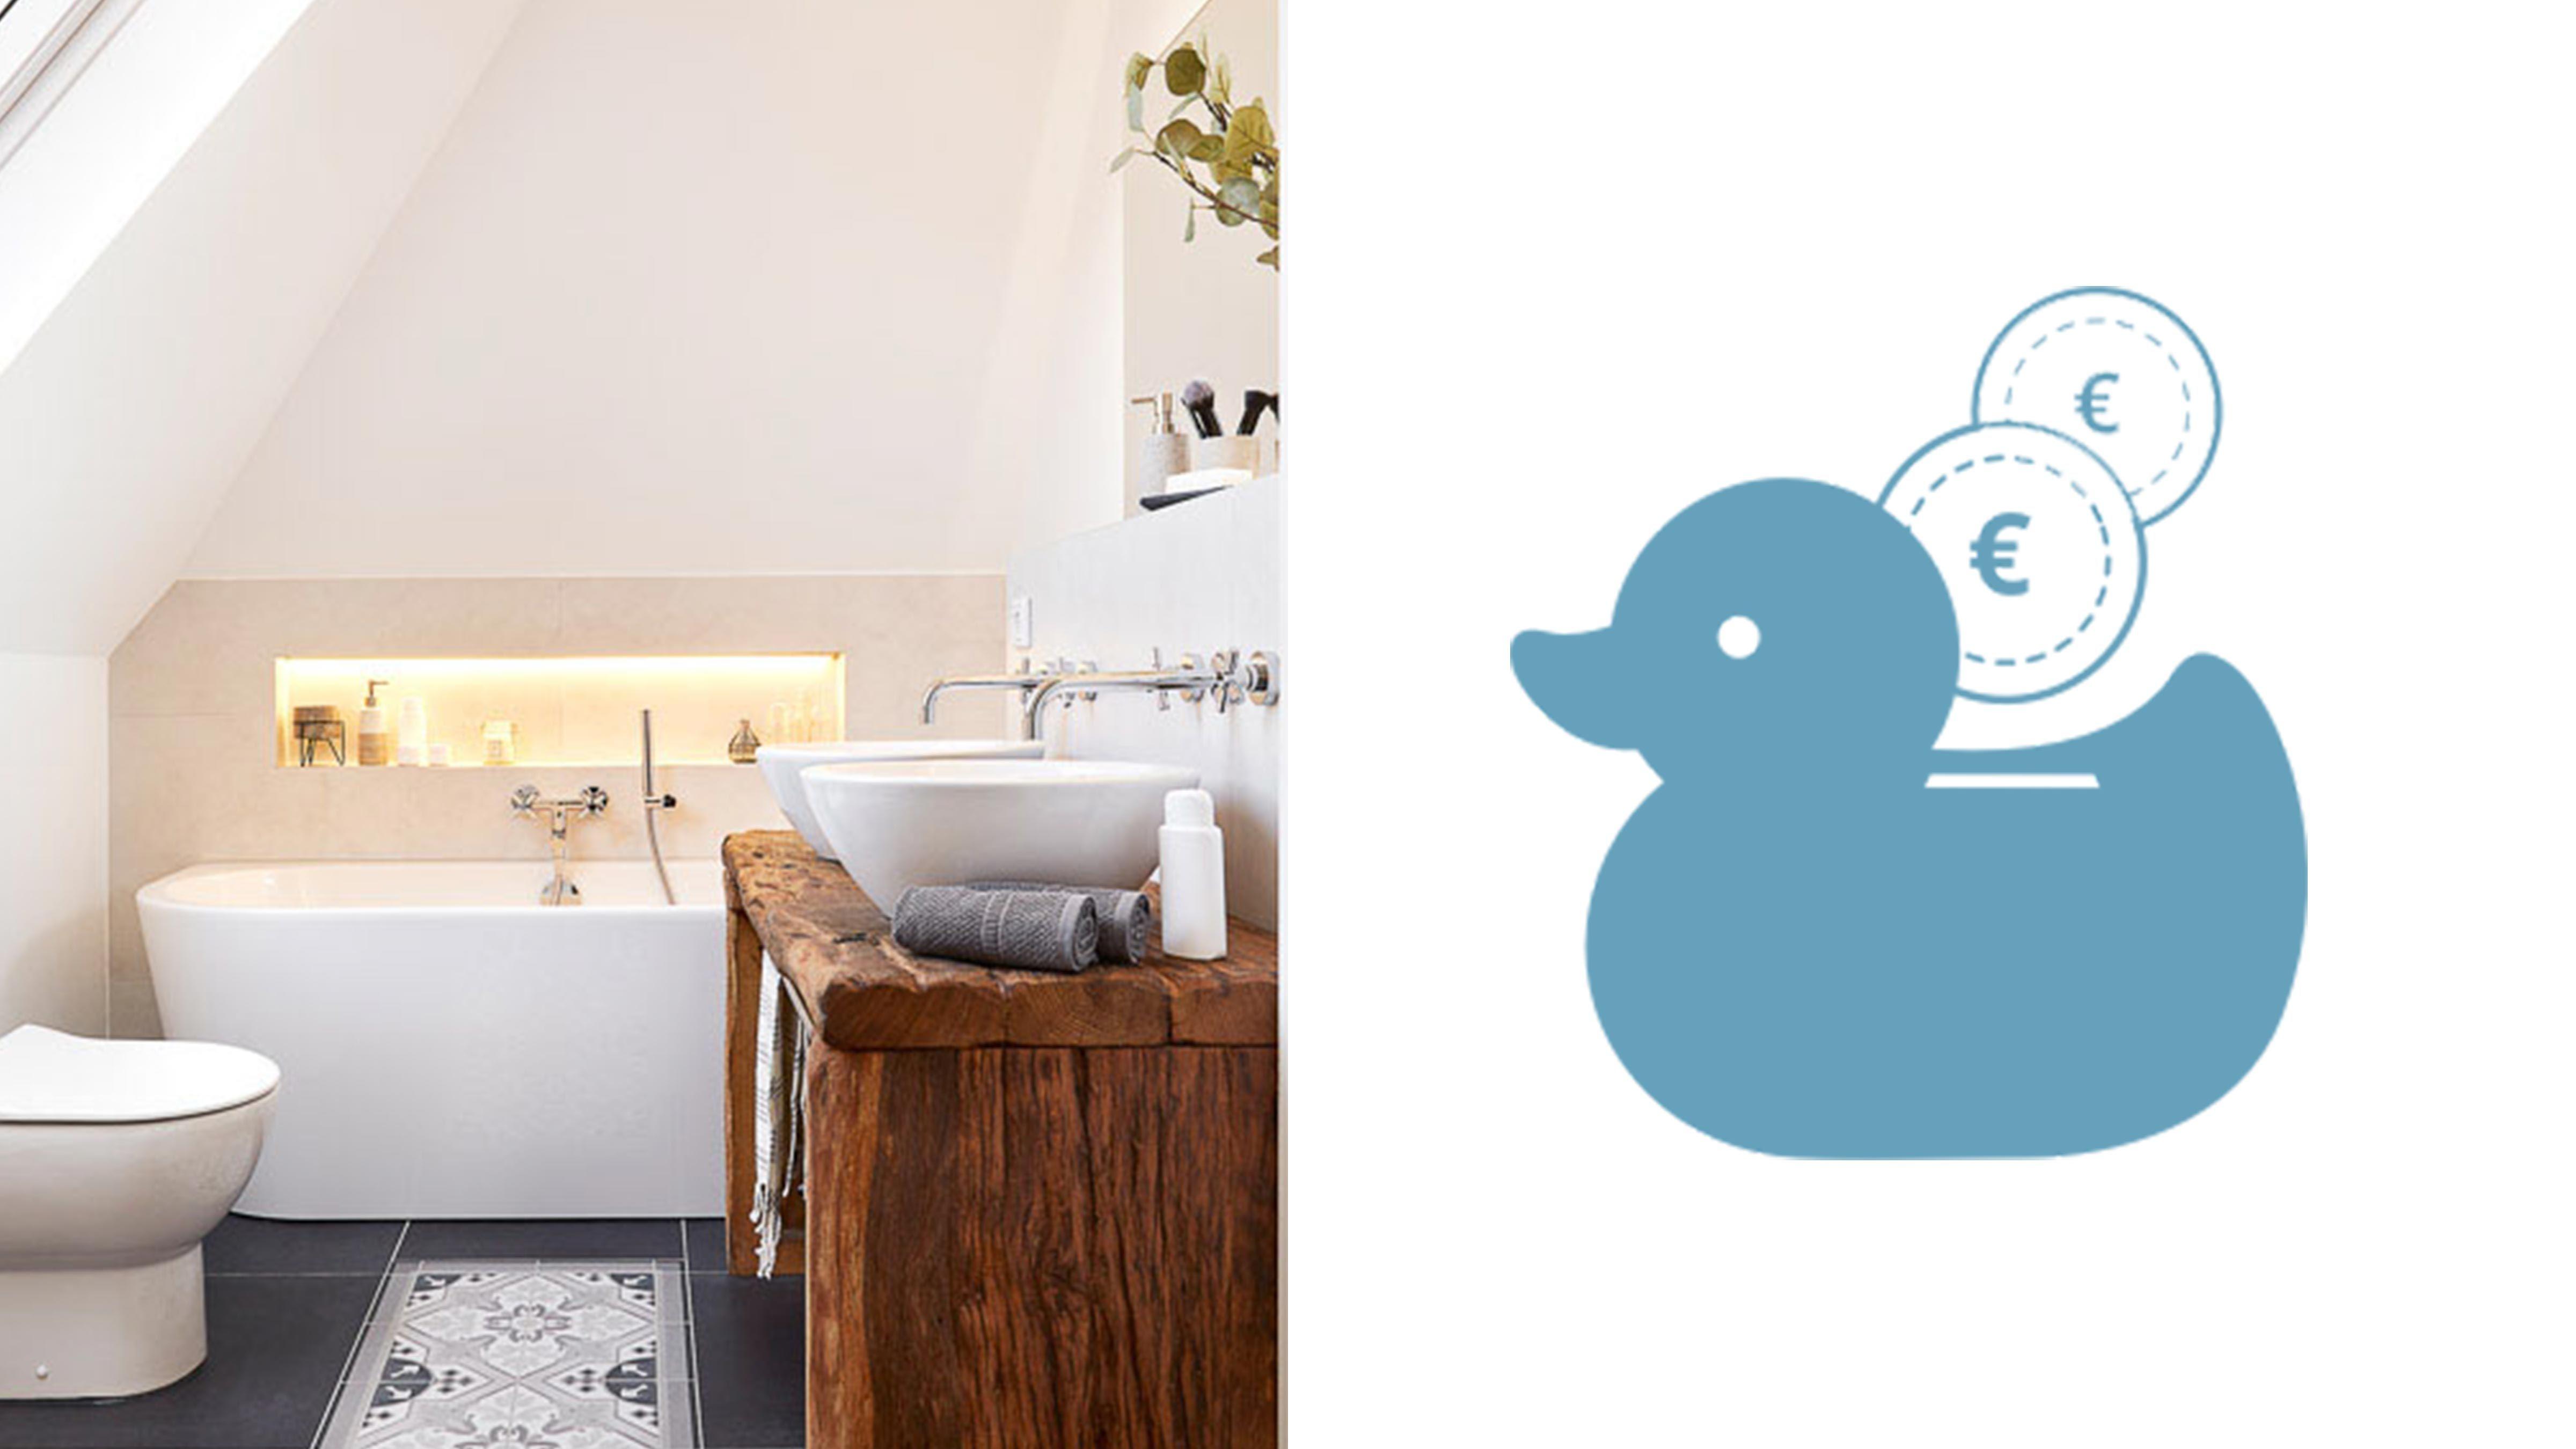 was kostet ein neues bad top neues badezimmer kosten was. Black Bedroom Furniture Sets. Home Design Ideas